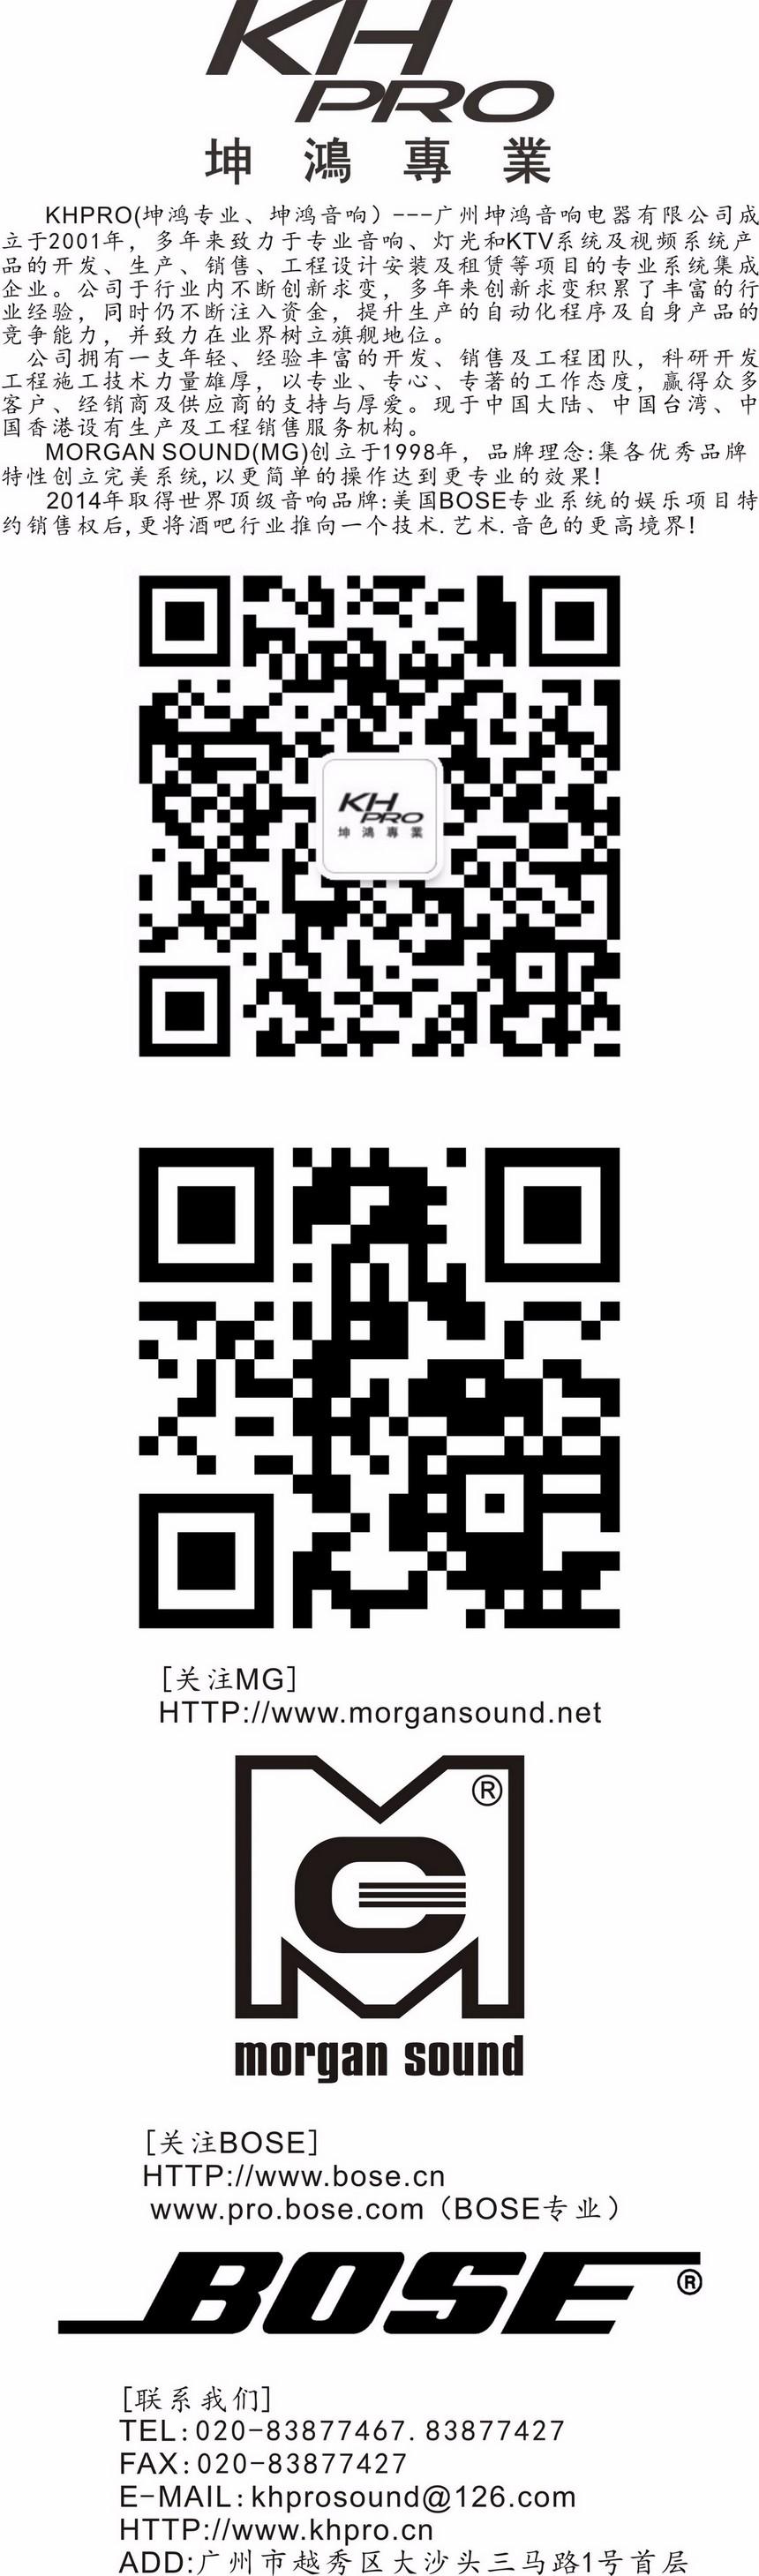 微信(2017)X.jpg